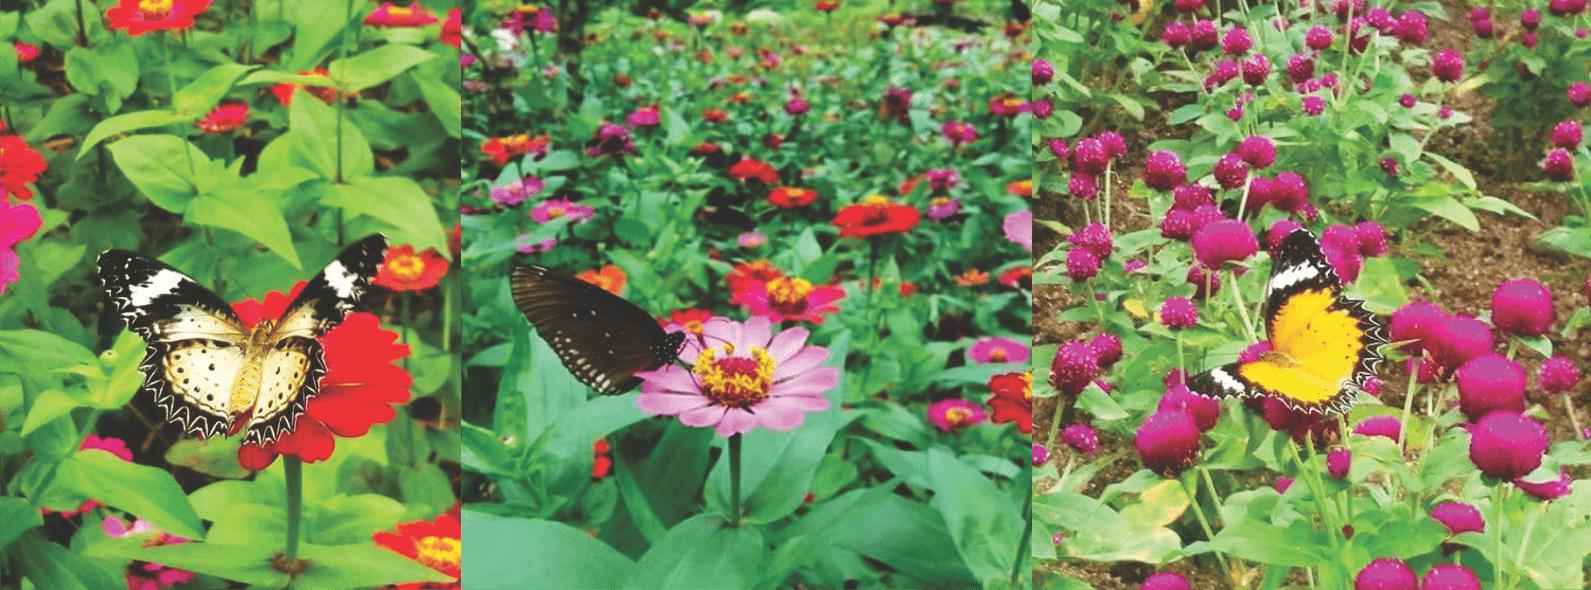 vườn hoa và các loài bướm ở Nha Trang ( ảnh sưu tầm)